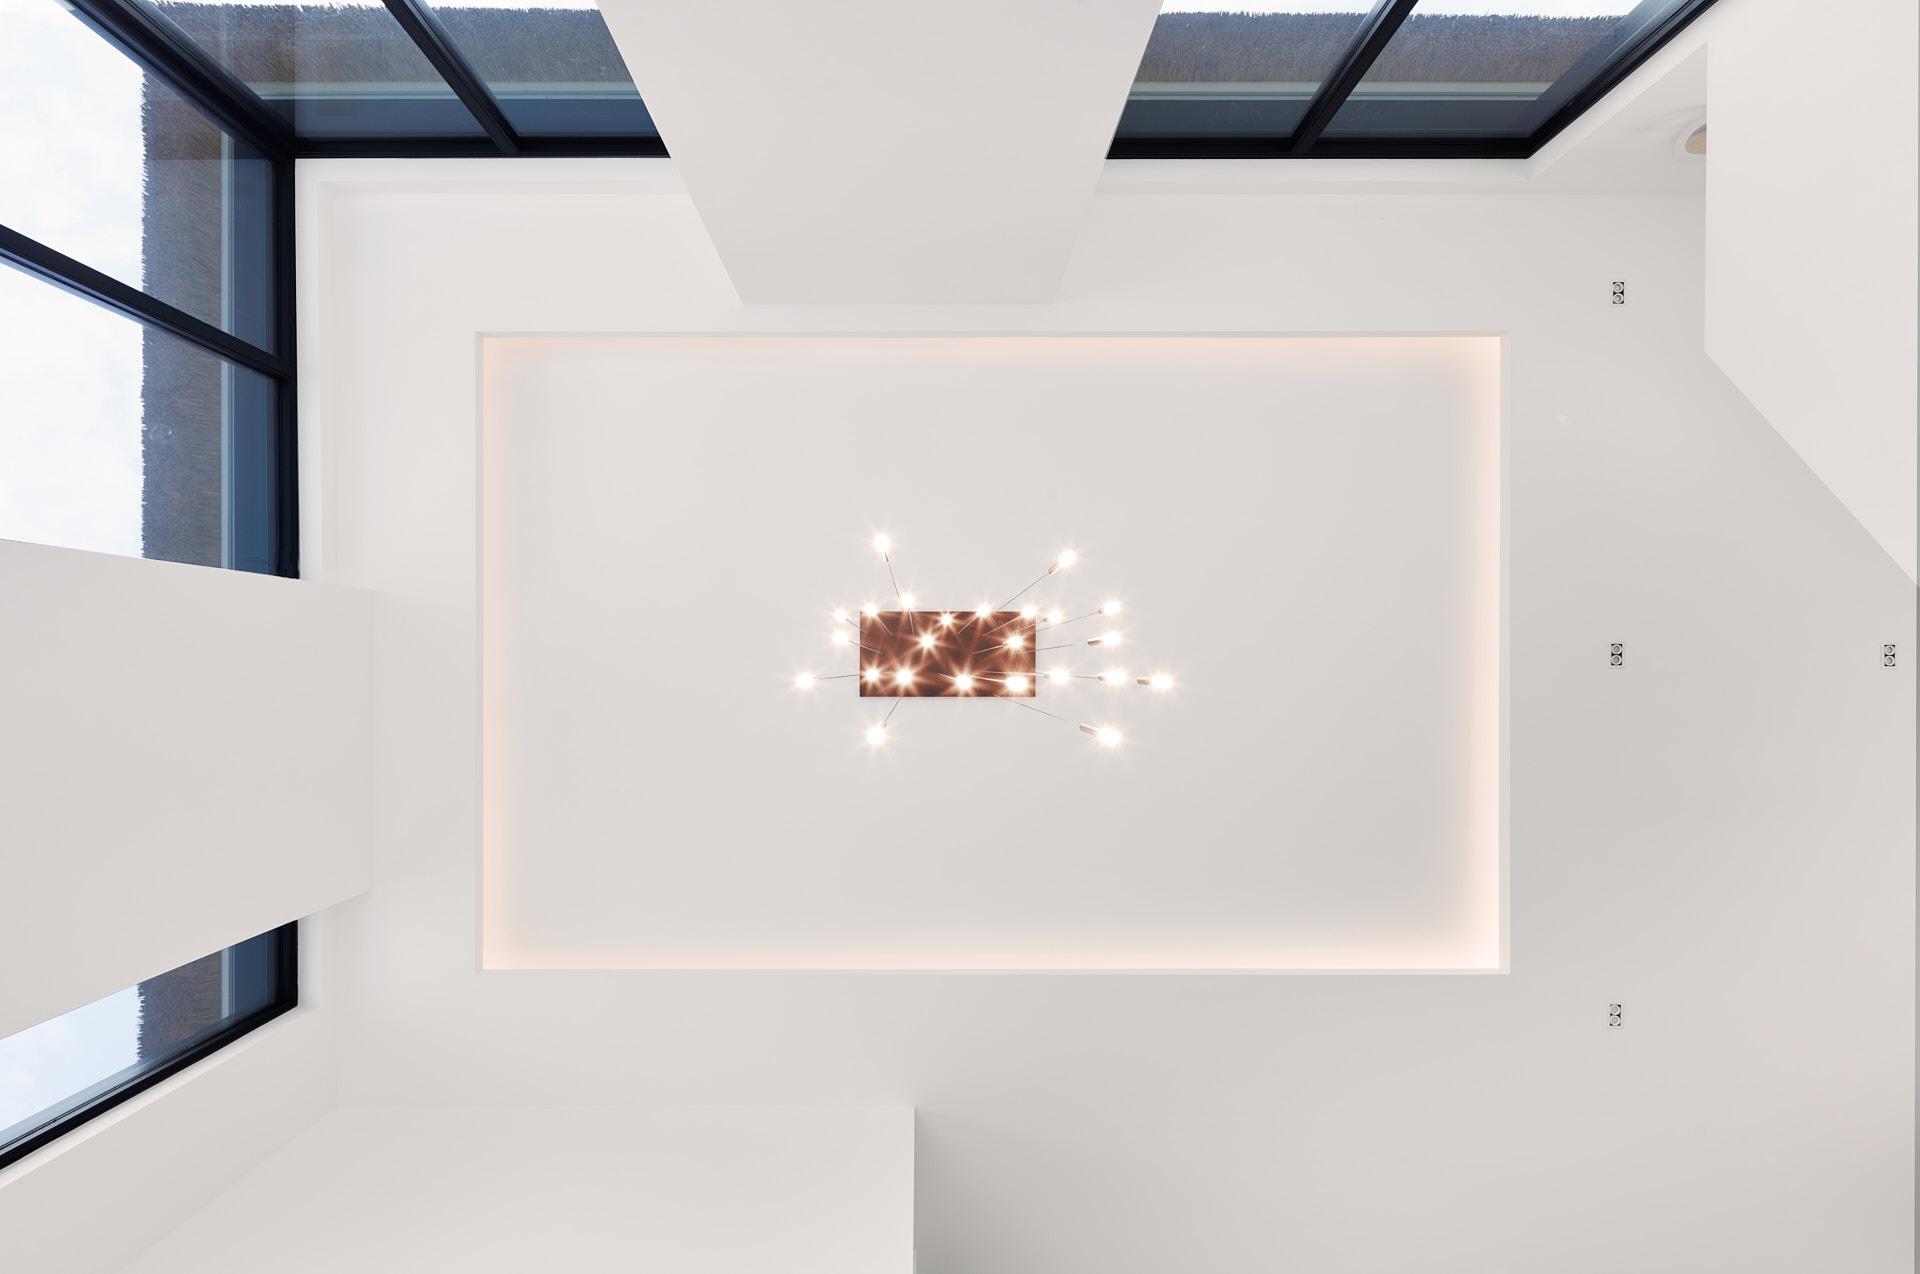 Plafond met LED verlichting en kroonluchter door maxim winkelaar architects.